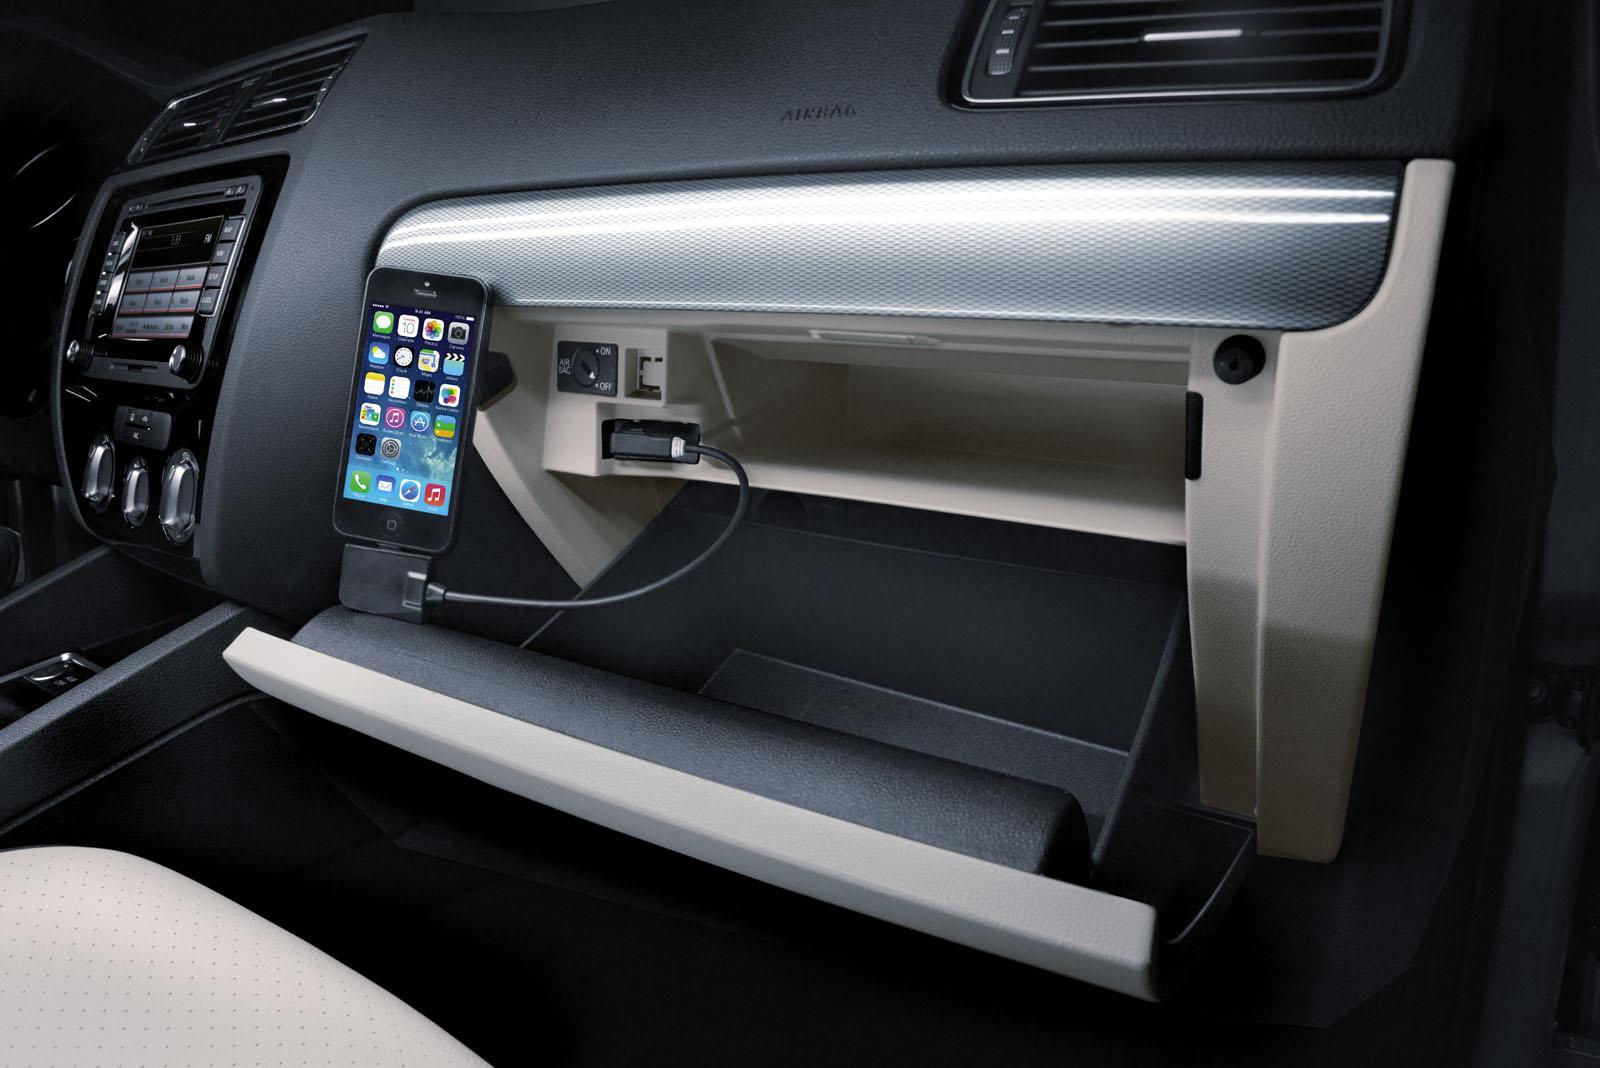 Manejamos El Volkswagen Nuevo Jetta 2015 Autocosmos Com